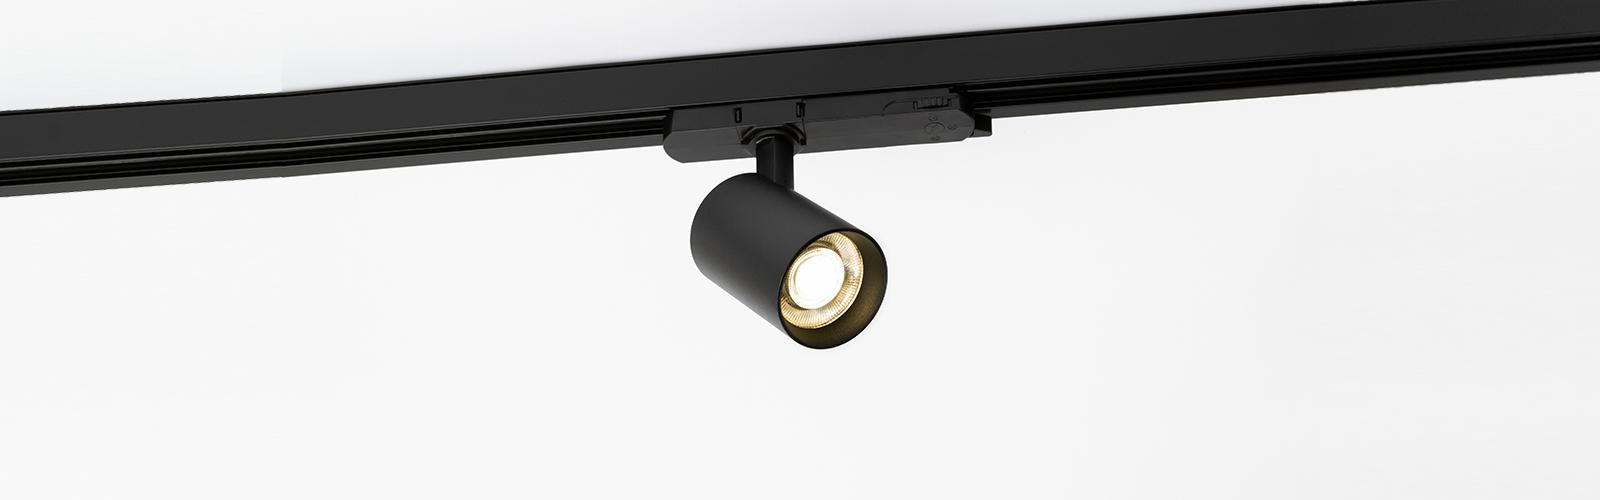 Fenos LED Lighting Tracklight Merbo Banner